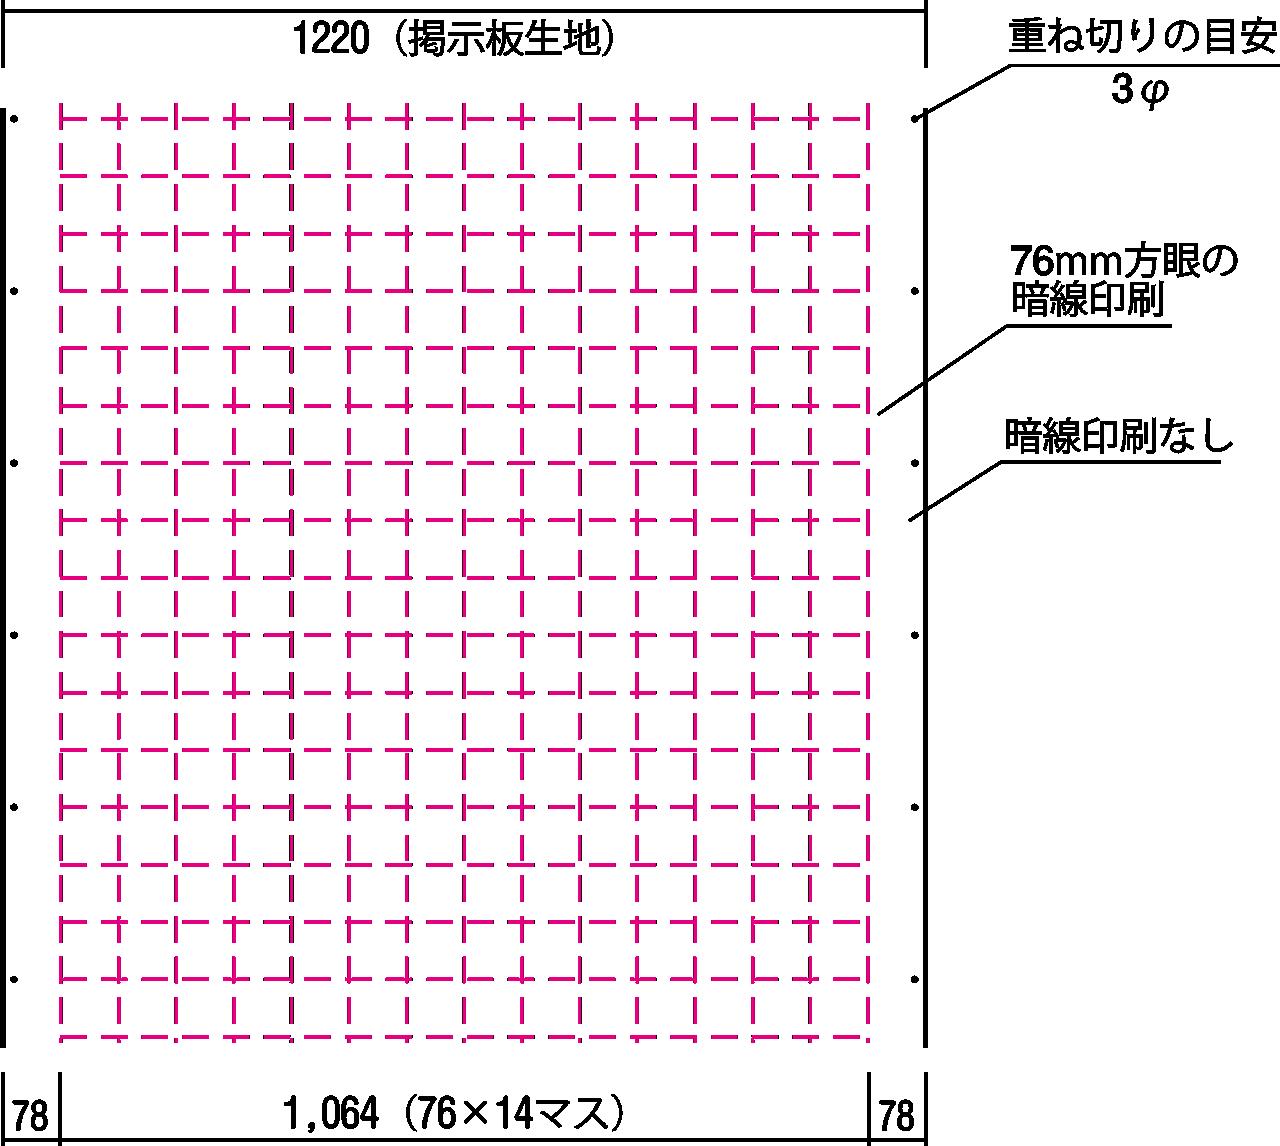 新素材・多機能掲示板用表面材(ニューエコチェッカー)